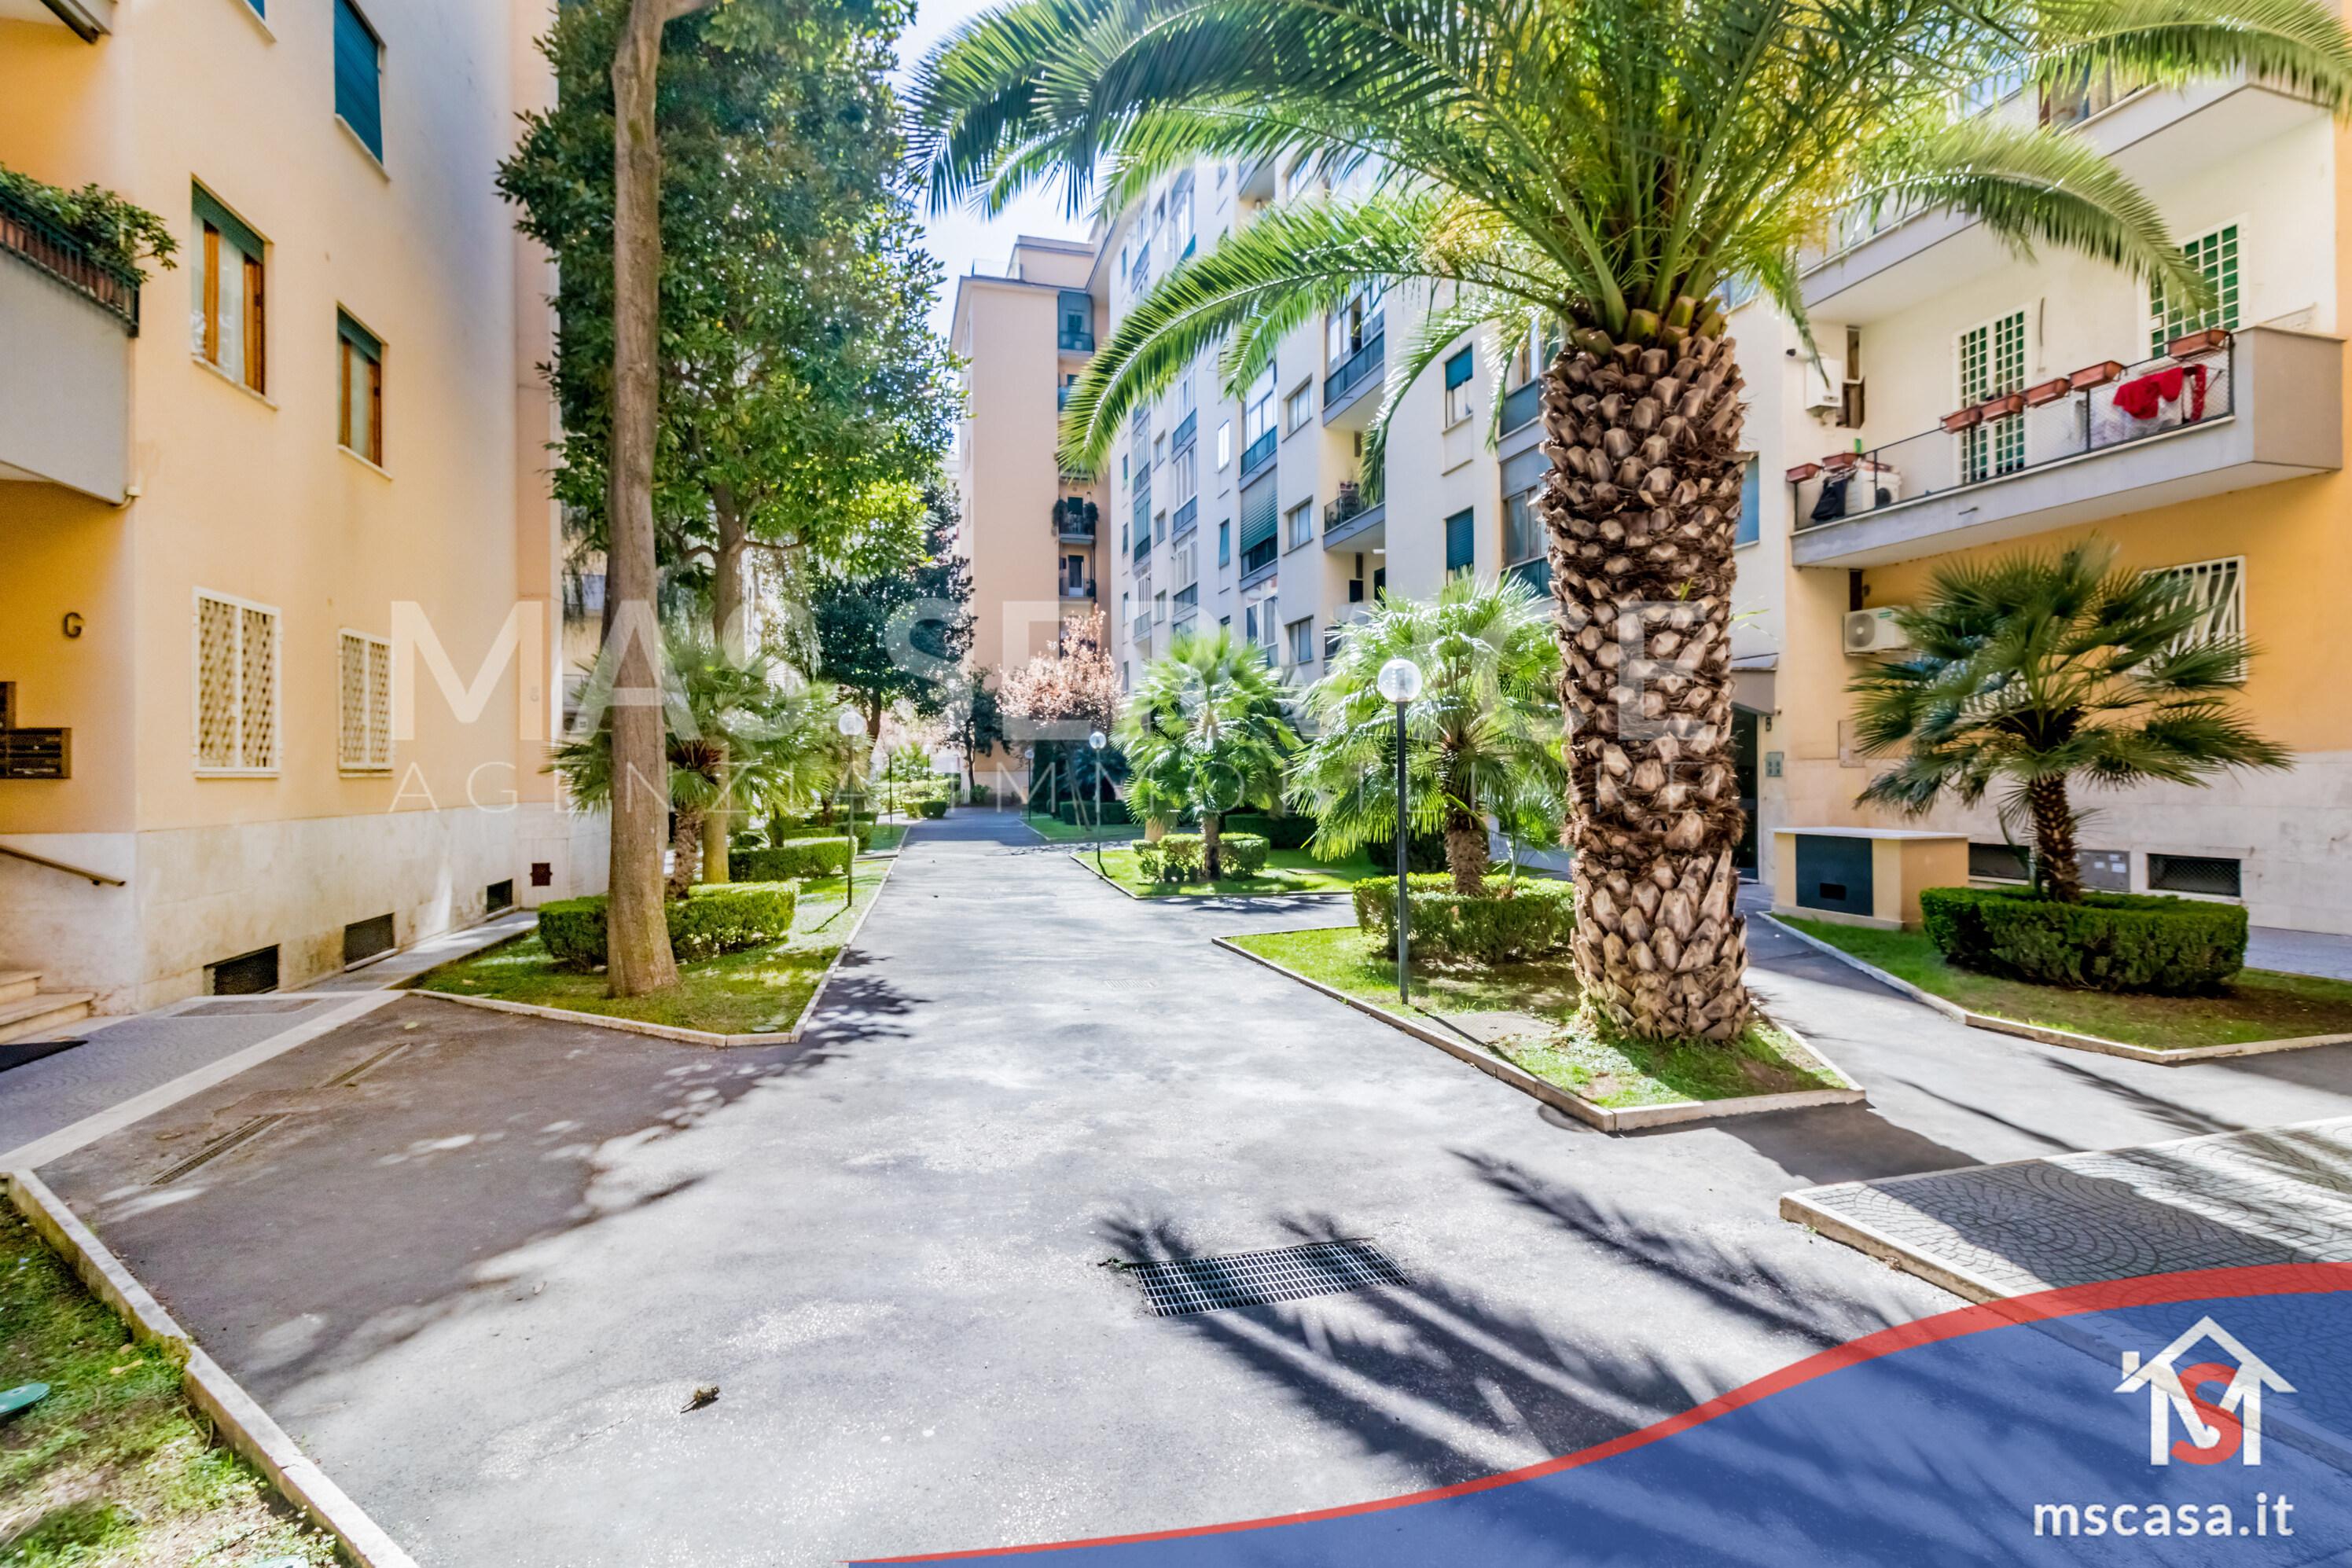 Trilocale in vendita zona Montagnola a Roma Giardino Condominiale